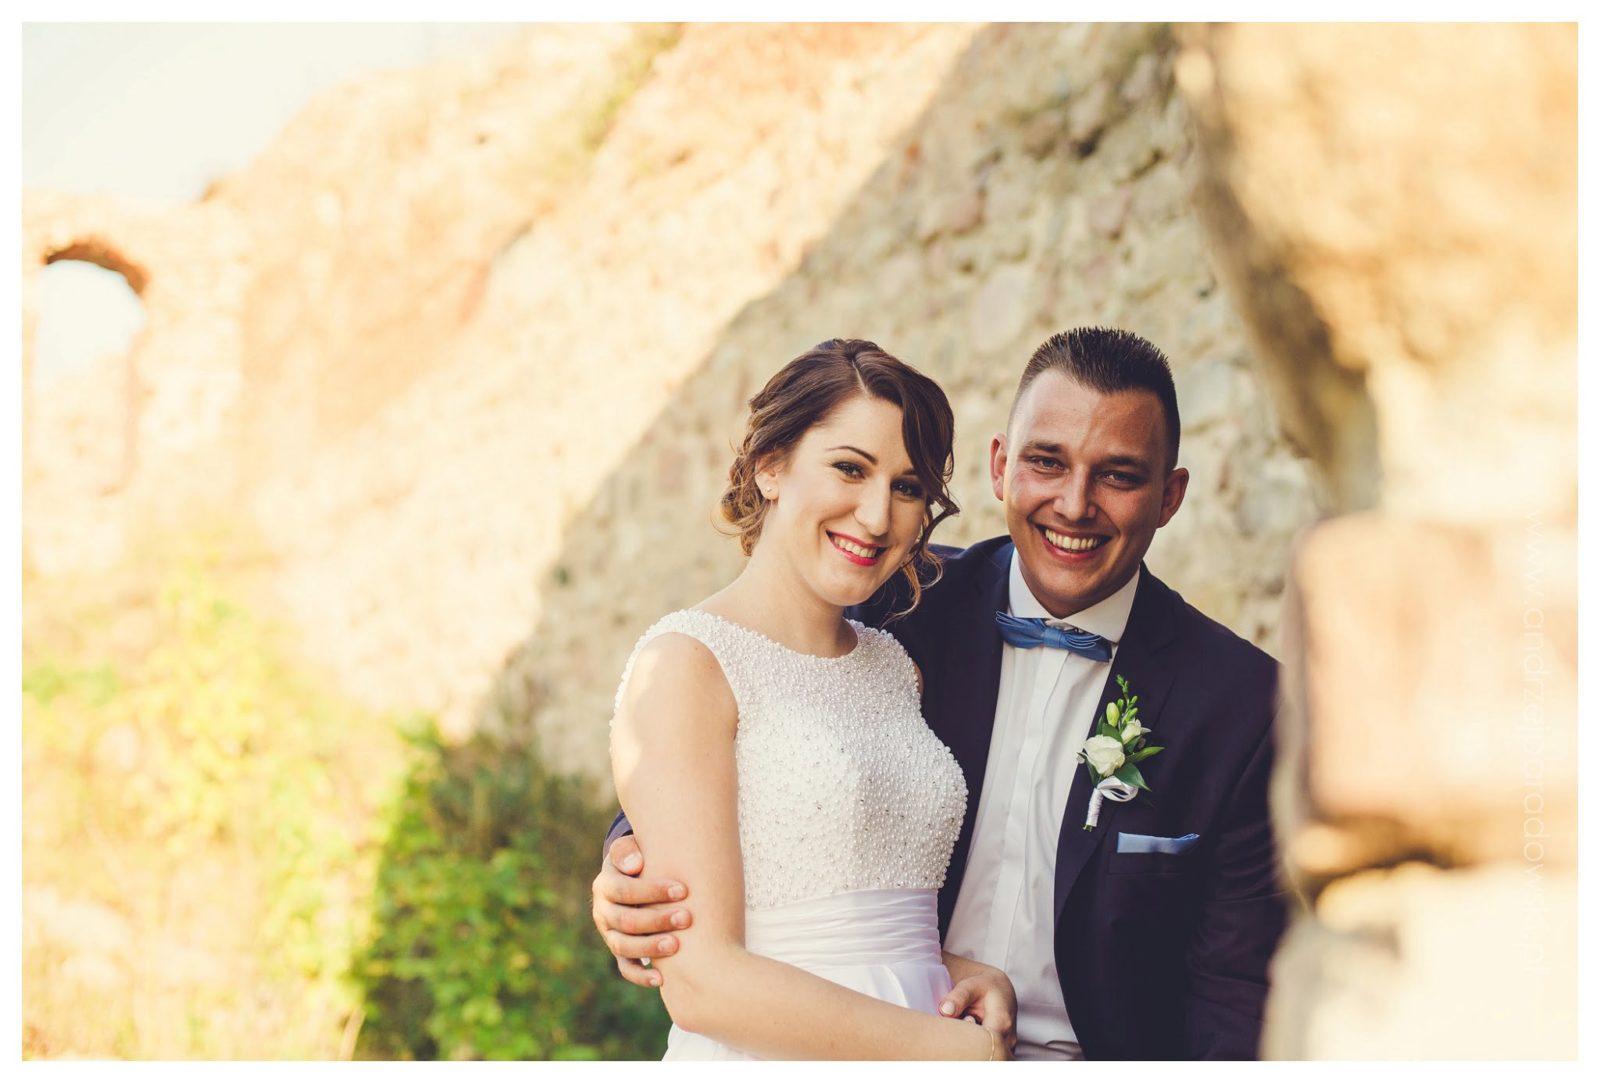 fotograf slubny wloclawek 38 - Ślub w Bobrownikach